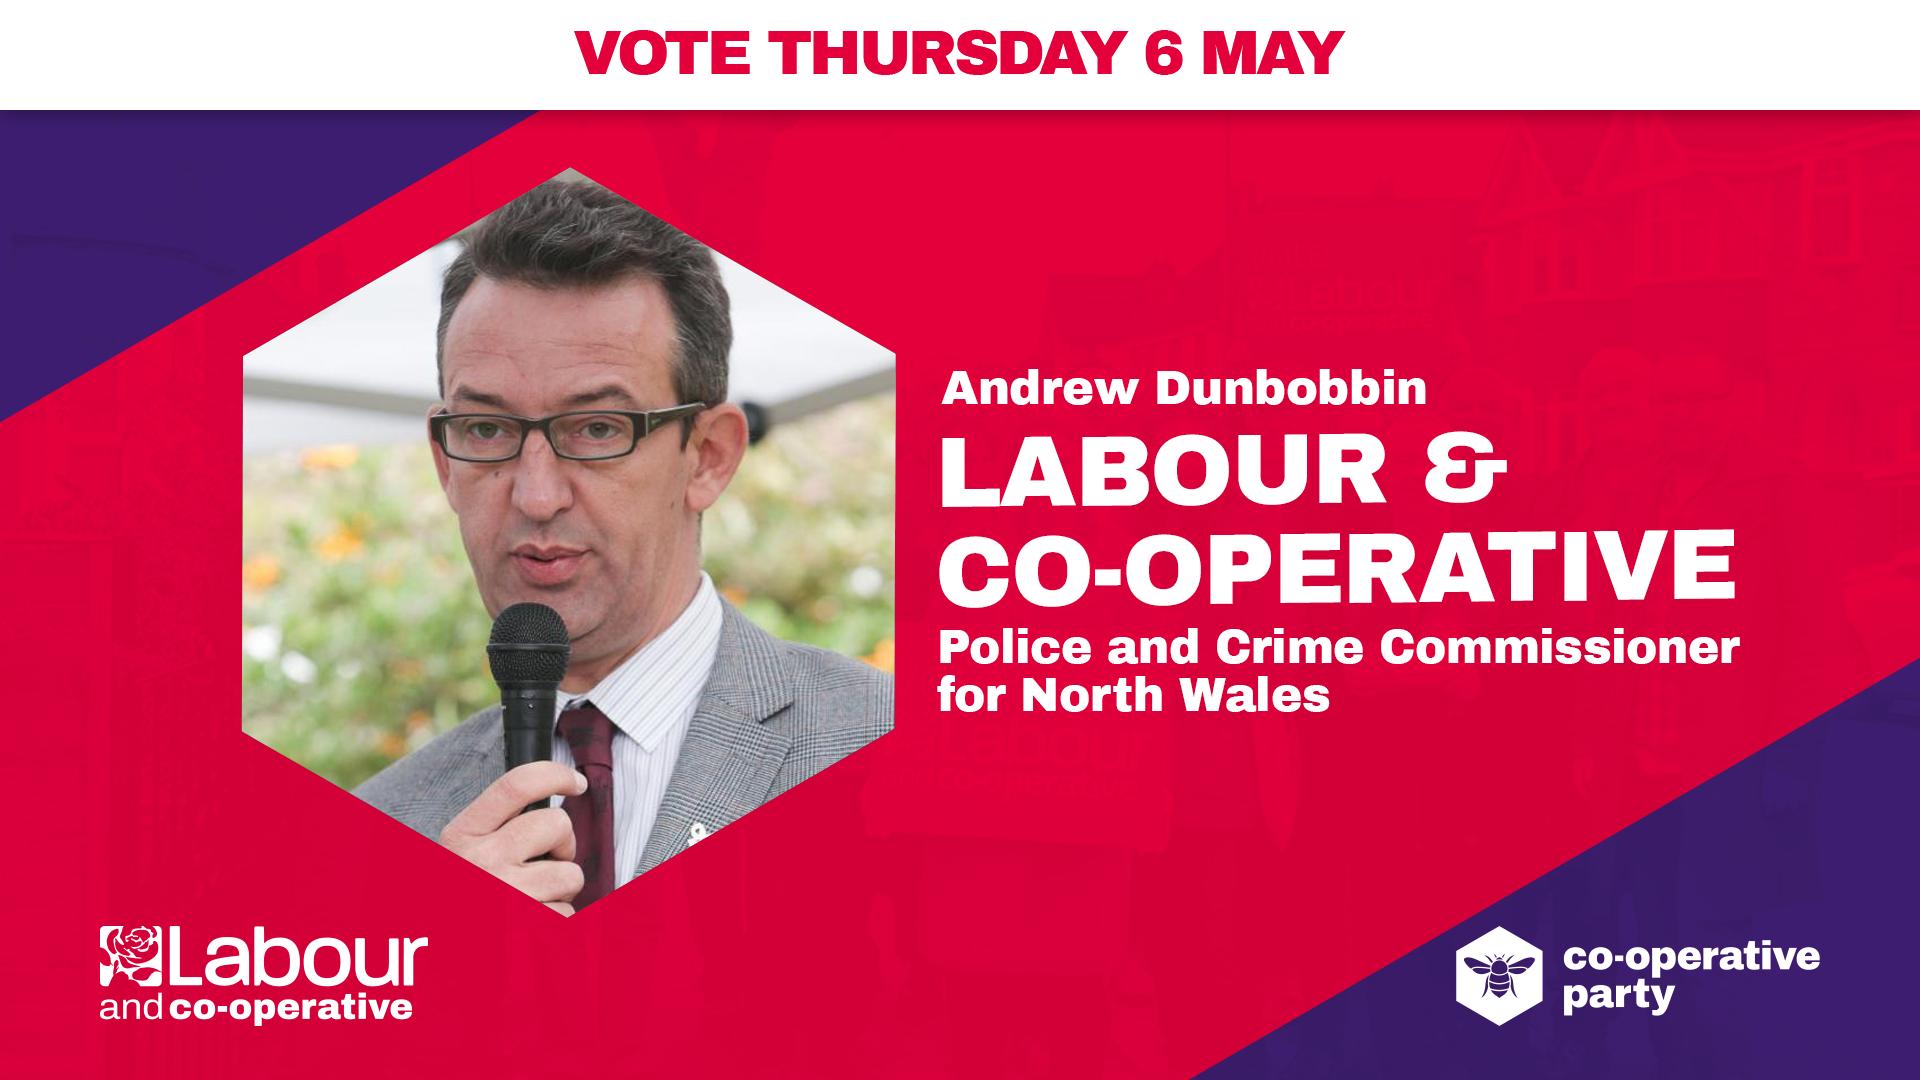 Andrew Dunbobbin